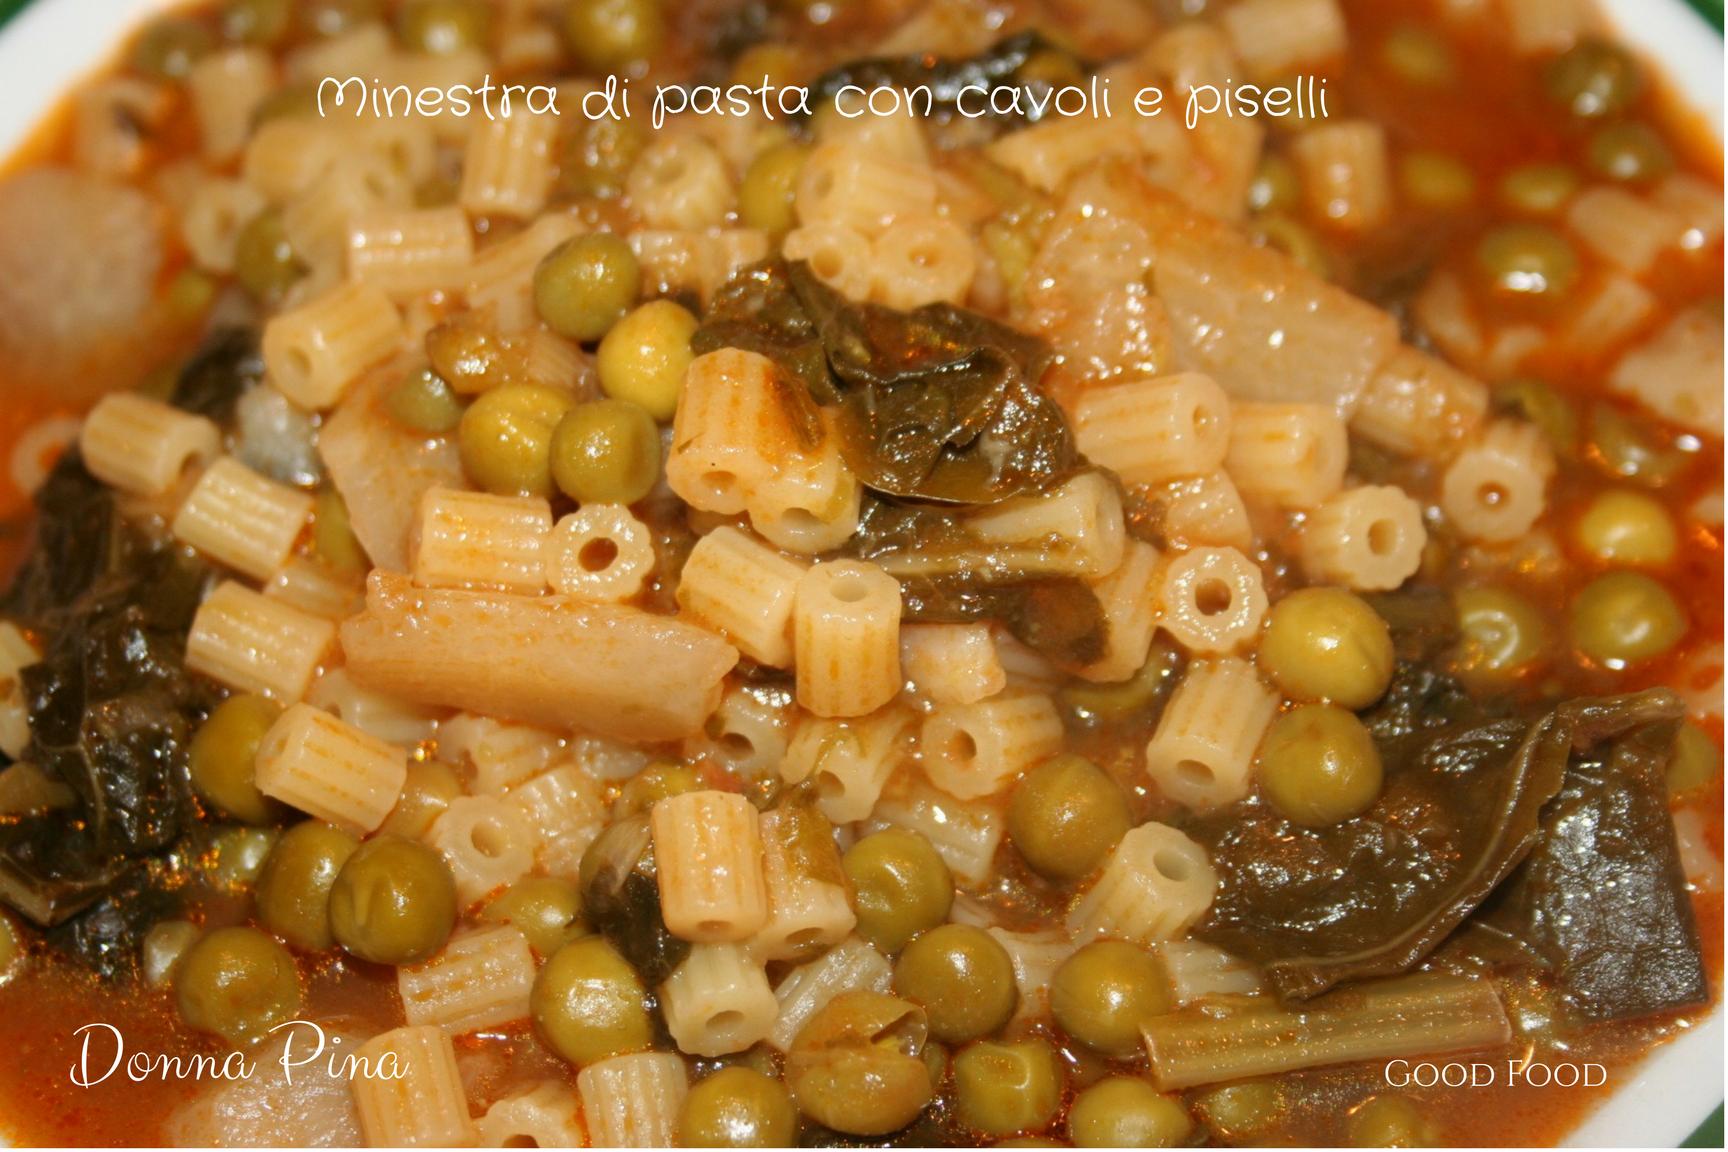 Minestra di pasta con cavoli e piselli - Ricetta siciliana